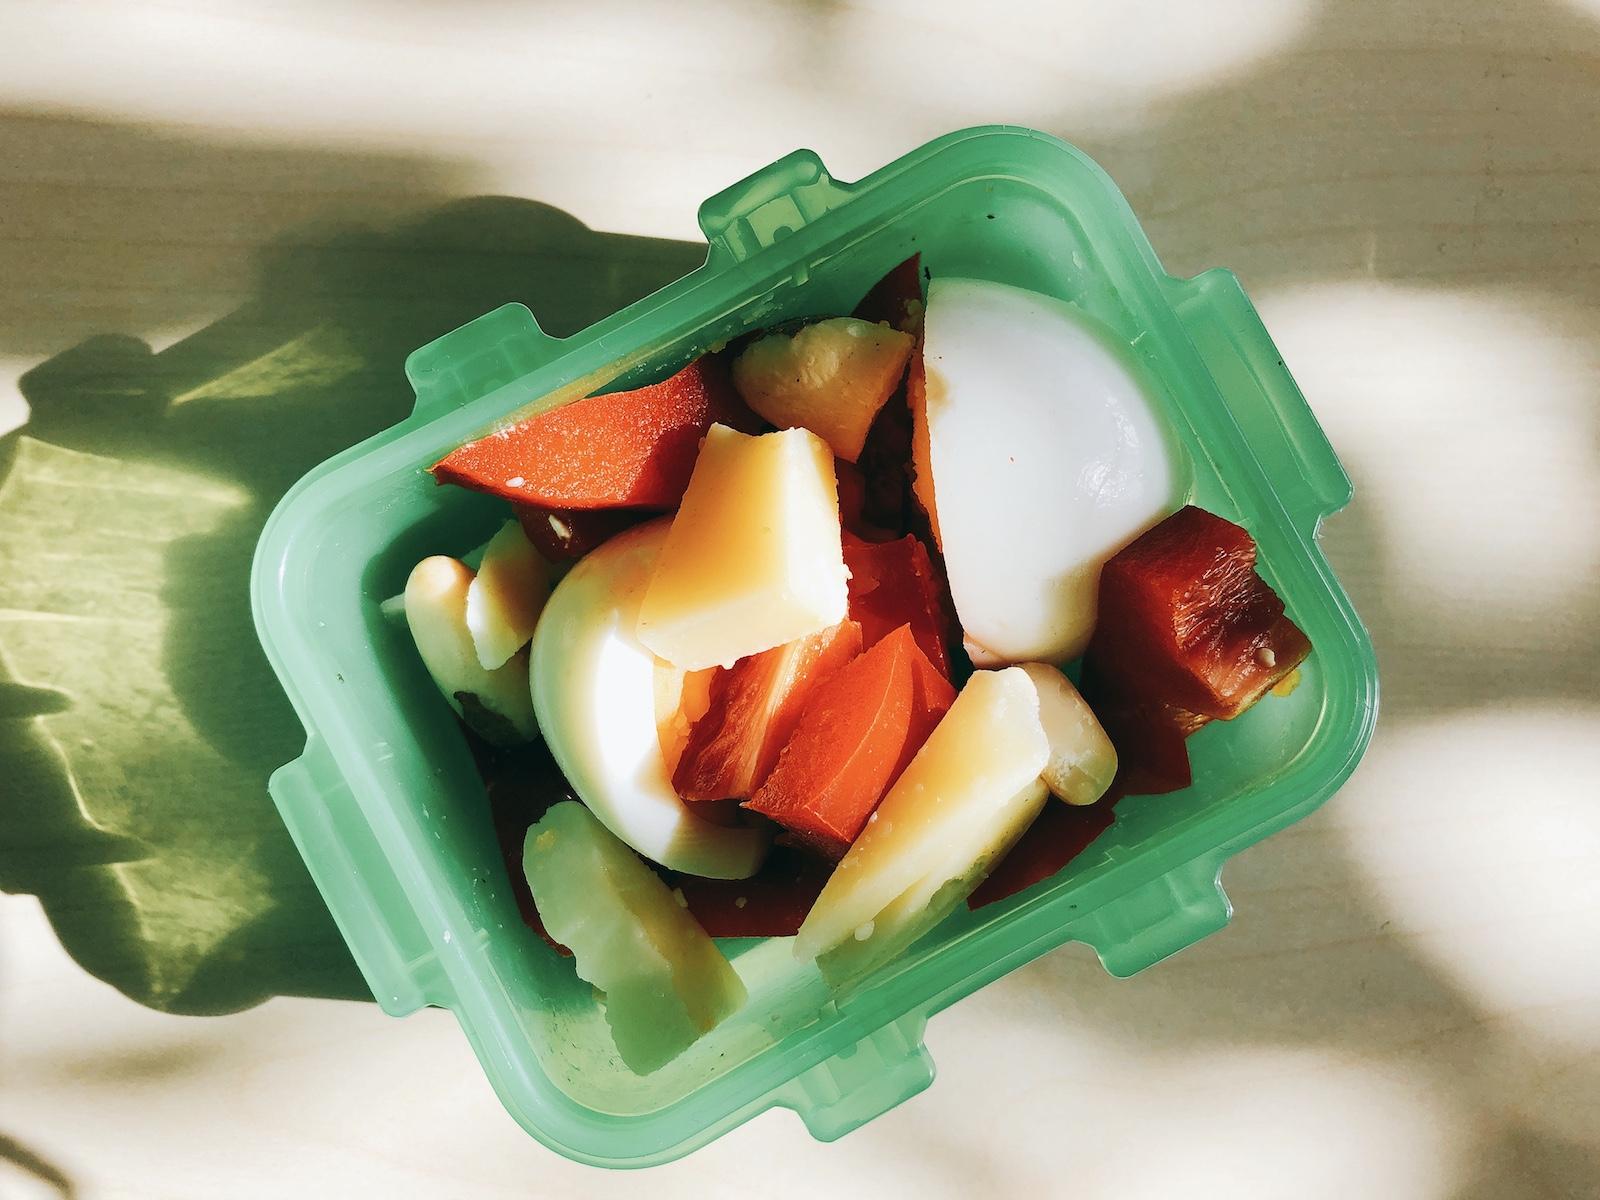 Hartgekochte Eier mit Berges, Mandeln und Paprika - der perfekte Kette Snack für zwischendurch